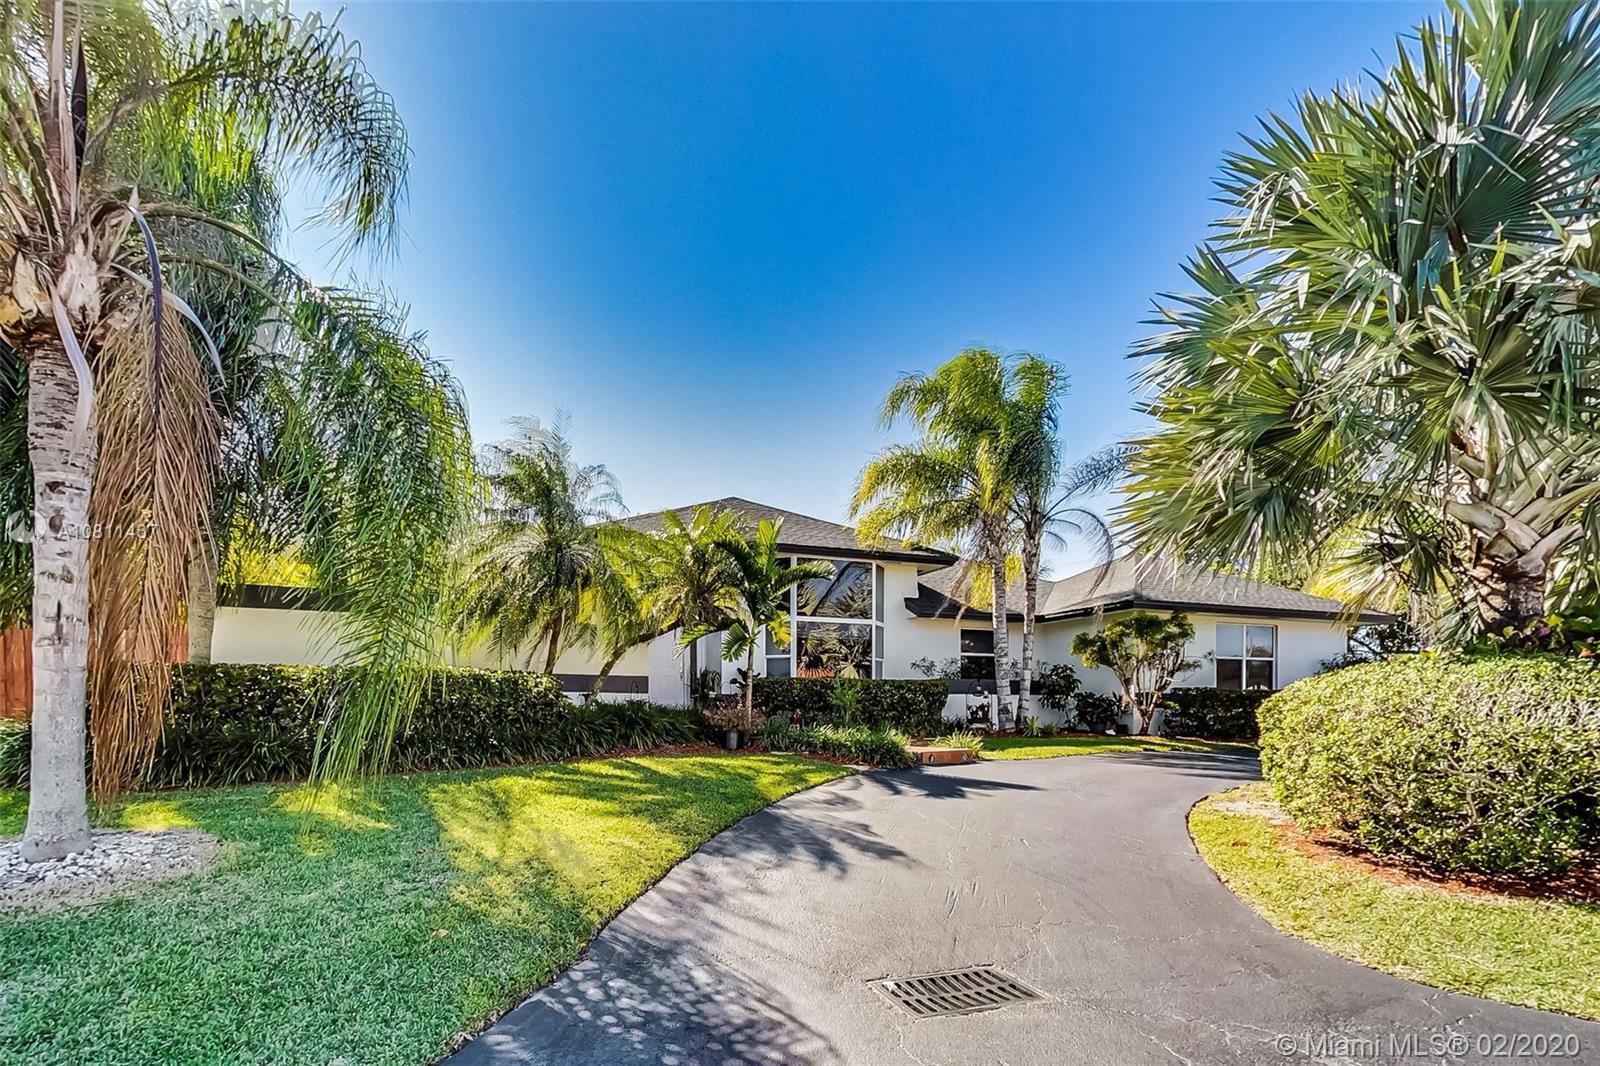 8180 SW 188th St, Cutler Bay, FL 33157 - Cutler Bay, FL real estate listing